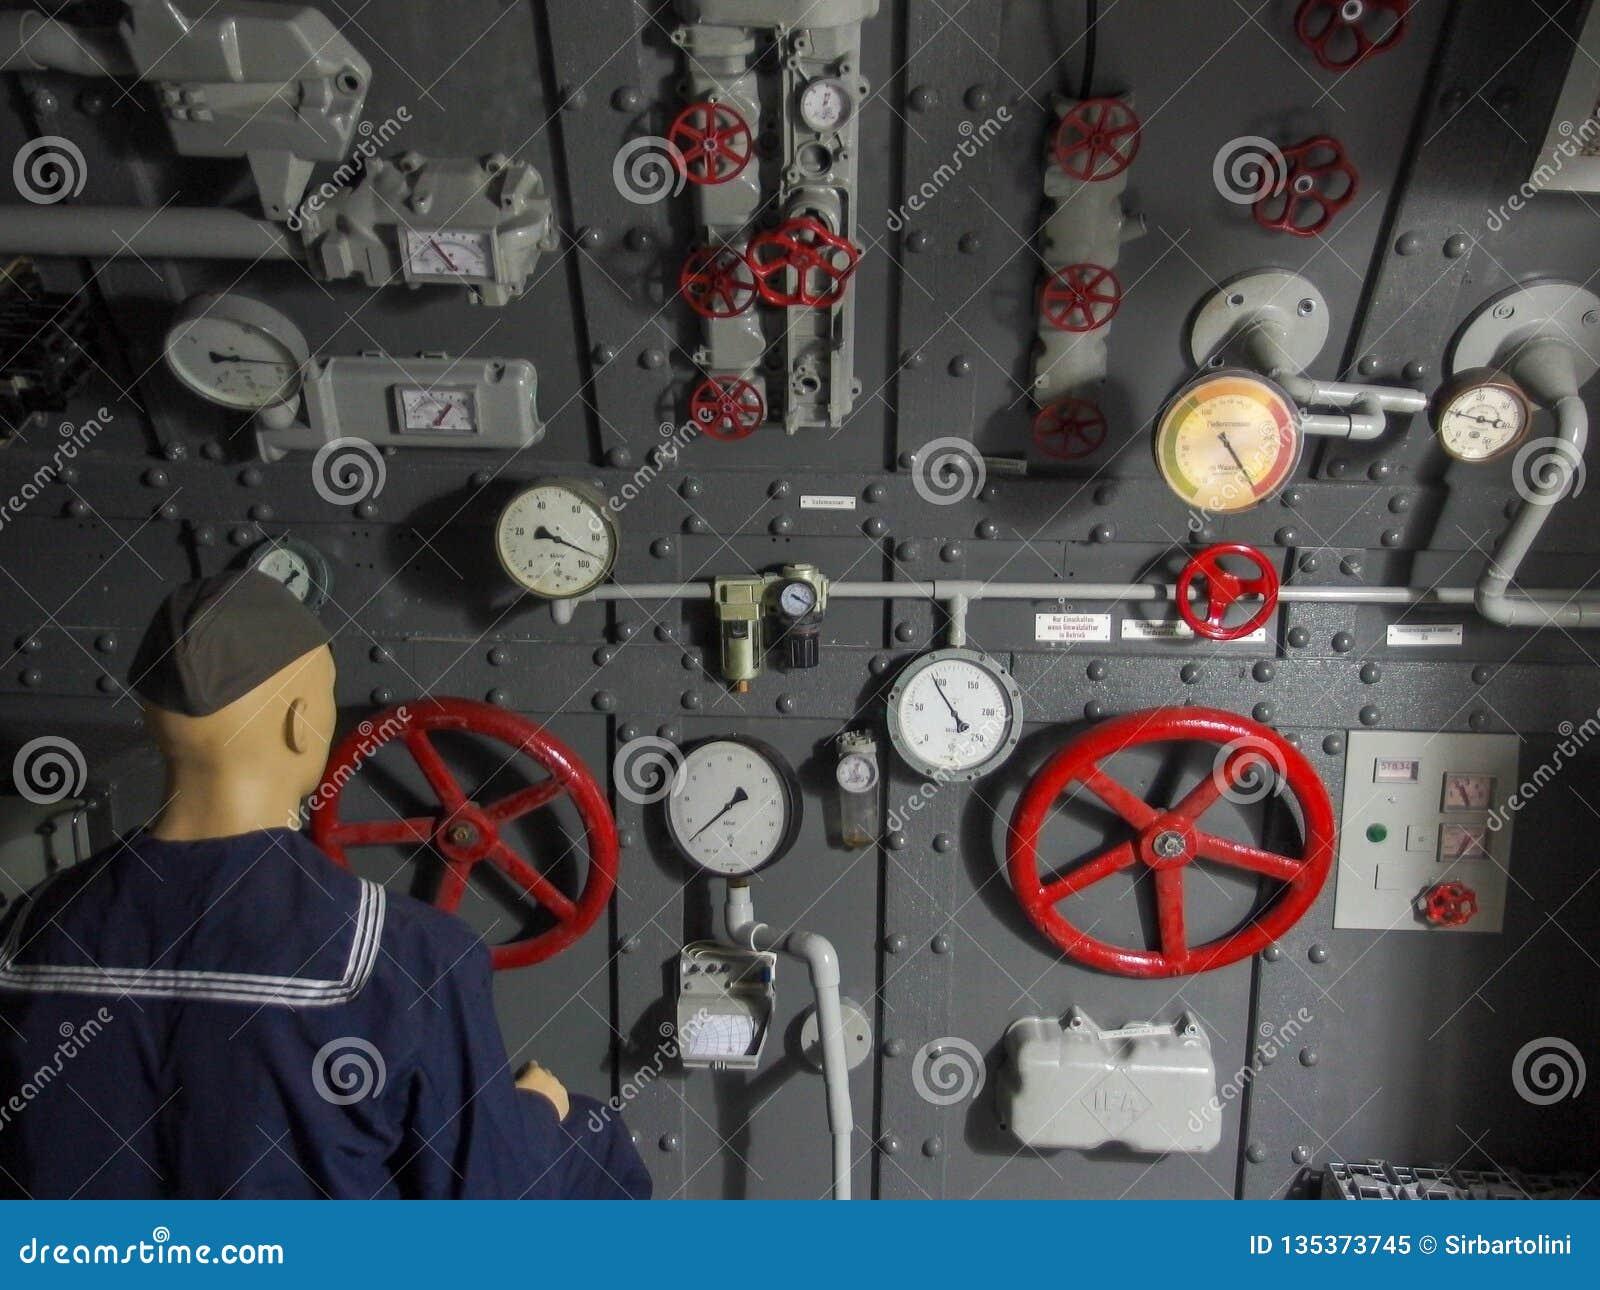 德国潜水艇Inerior